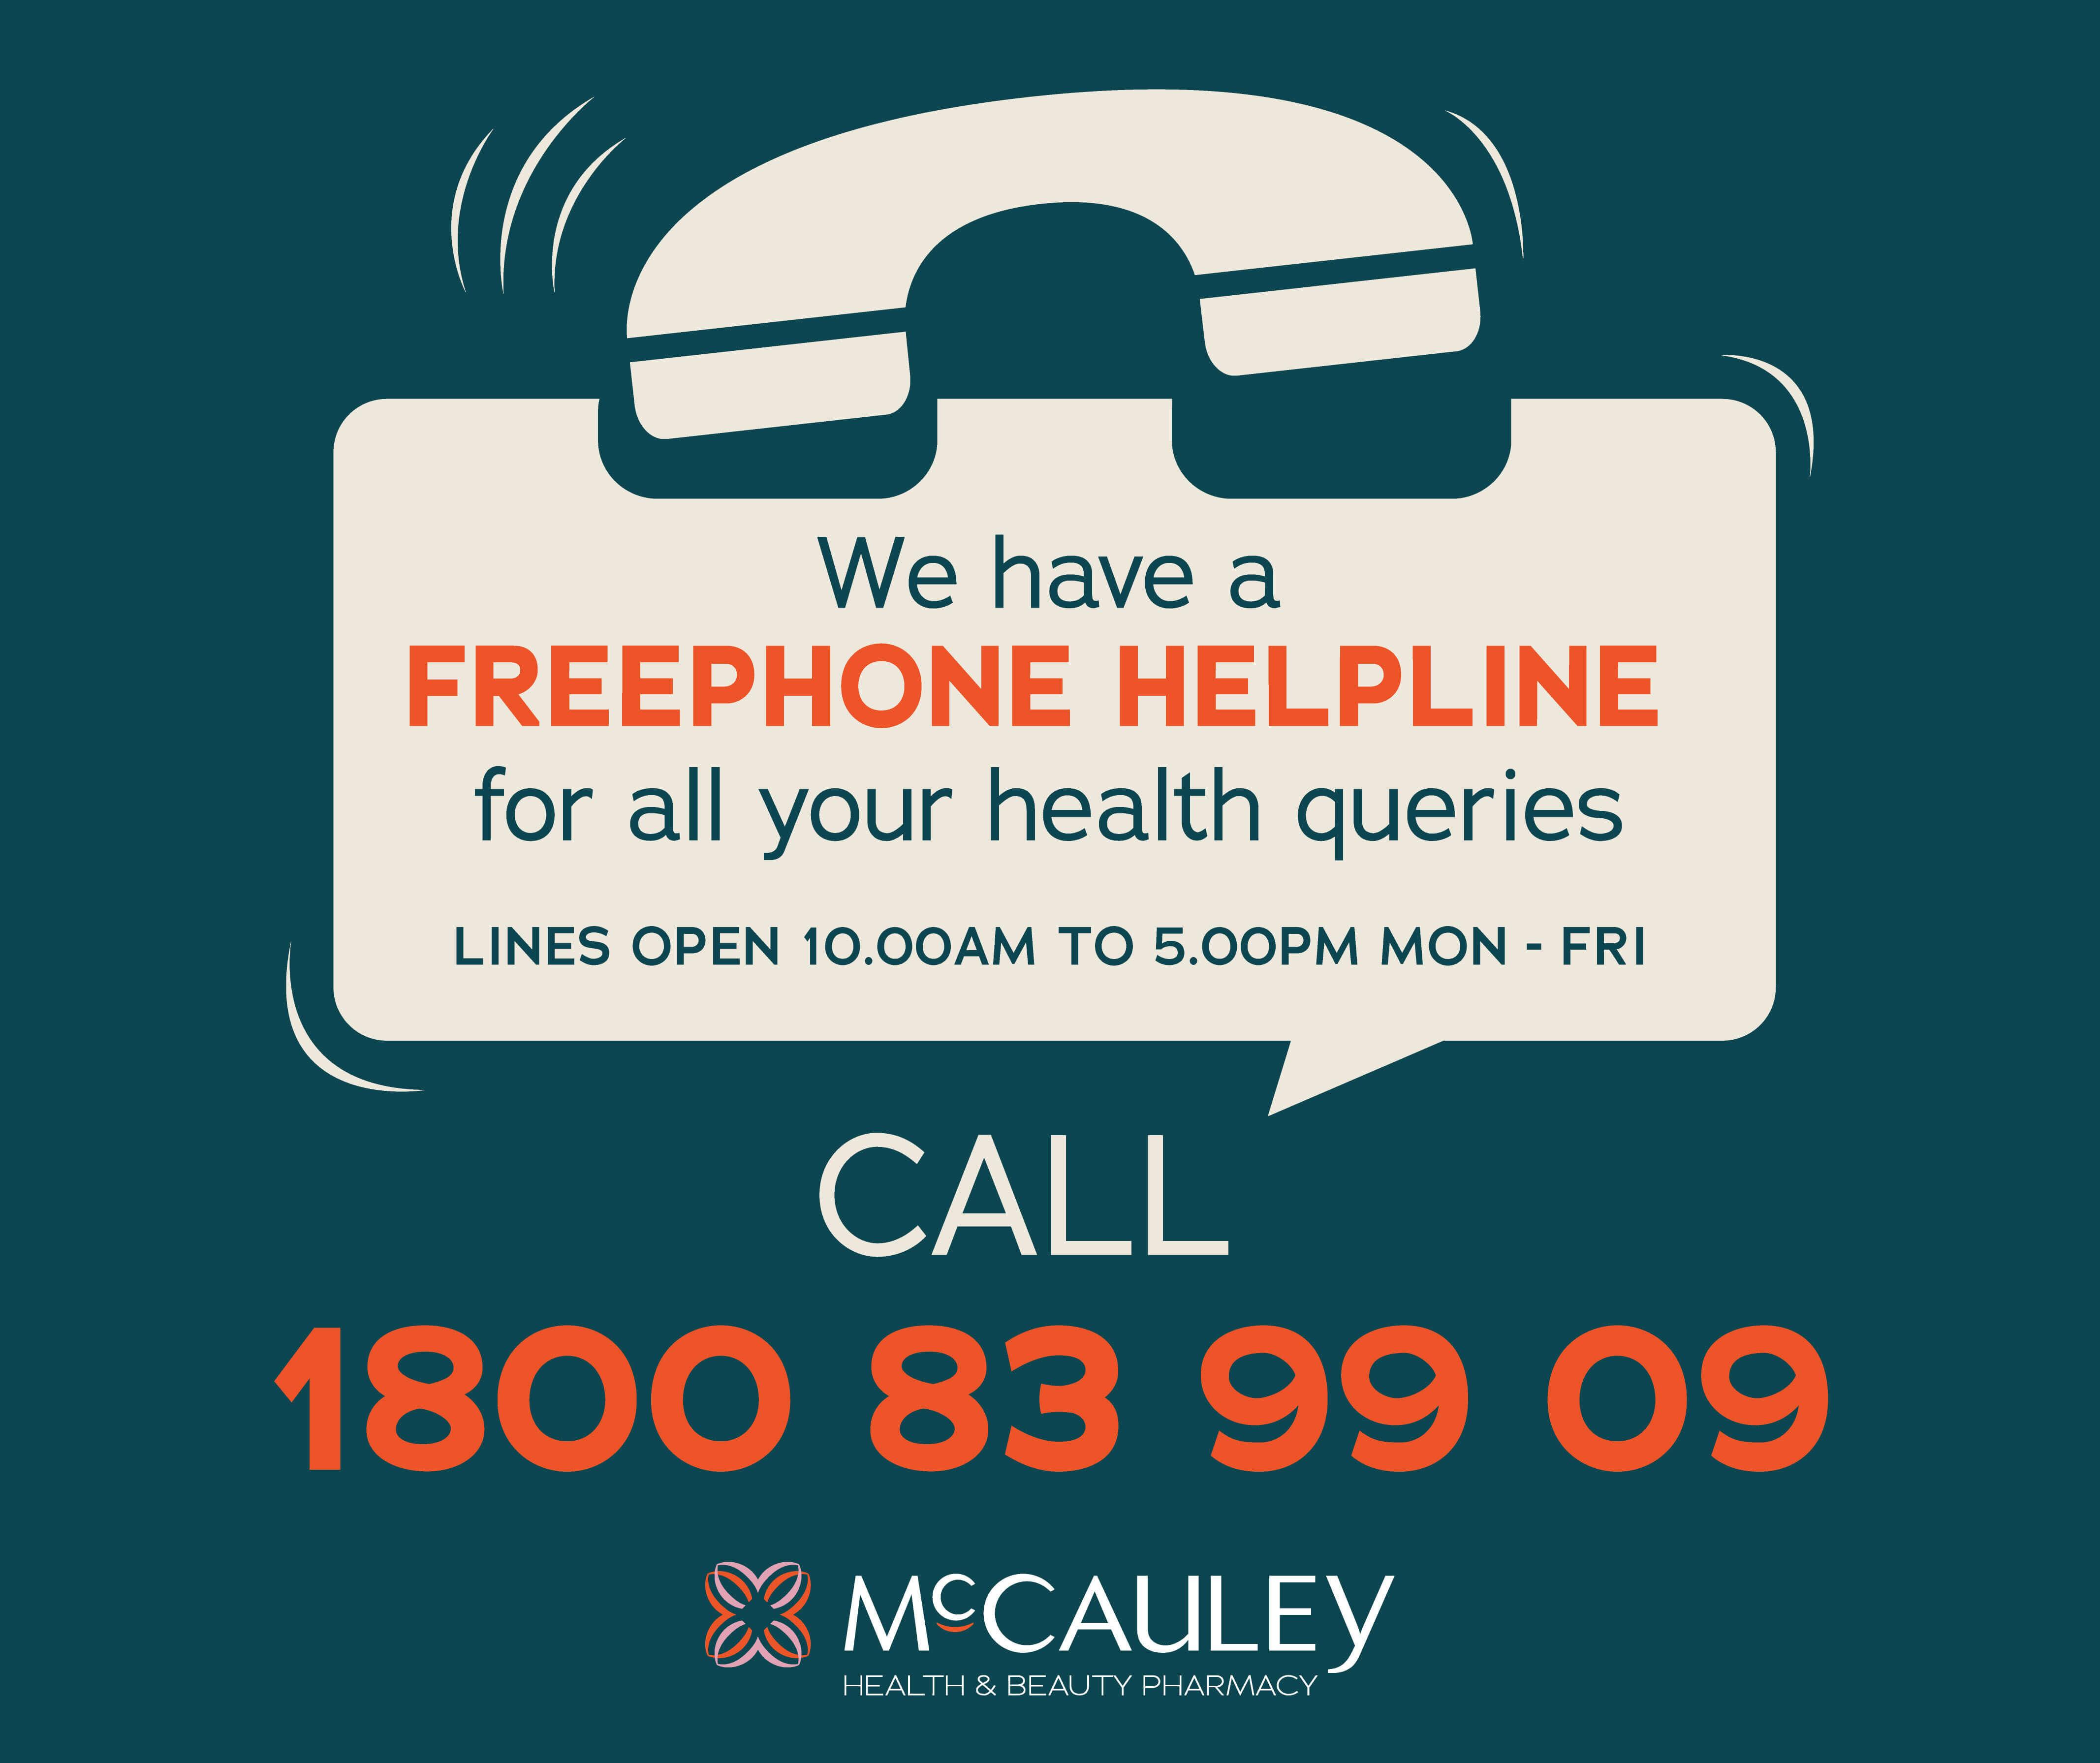 McCauley Freephone Helpline